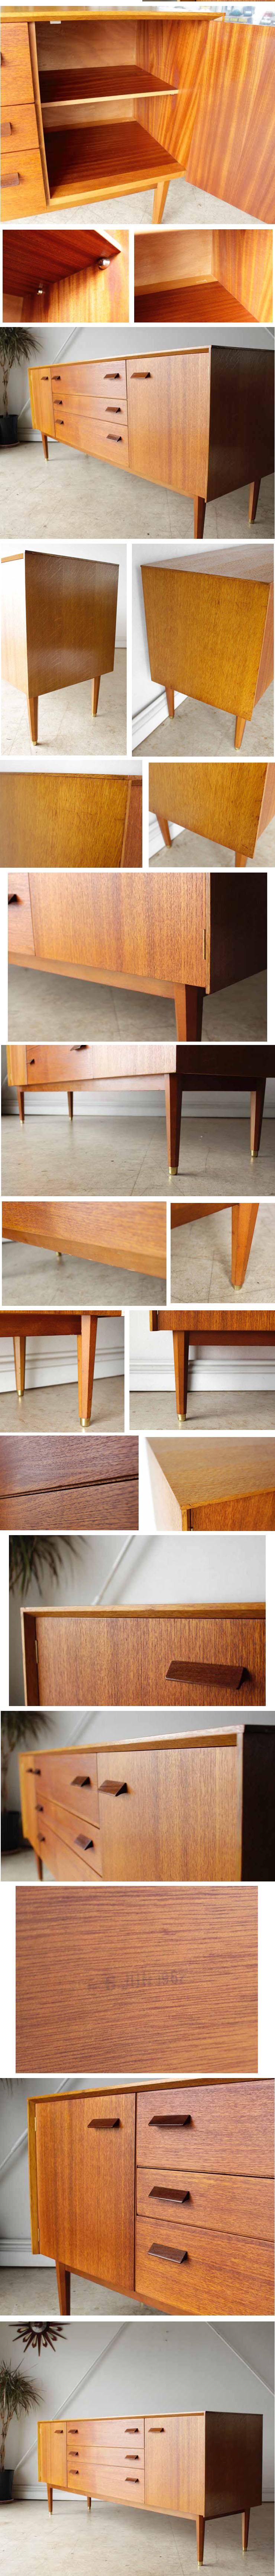 ジープラン・G-plan・サイドボード・テレビボード・ビンテージ・家具・アンティーク・ミッドセンチュリー・輸入家具